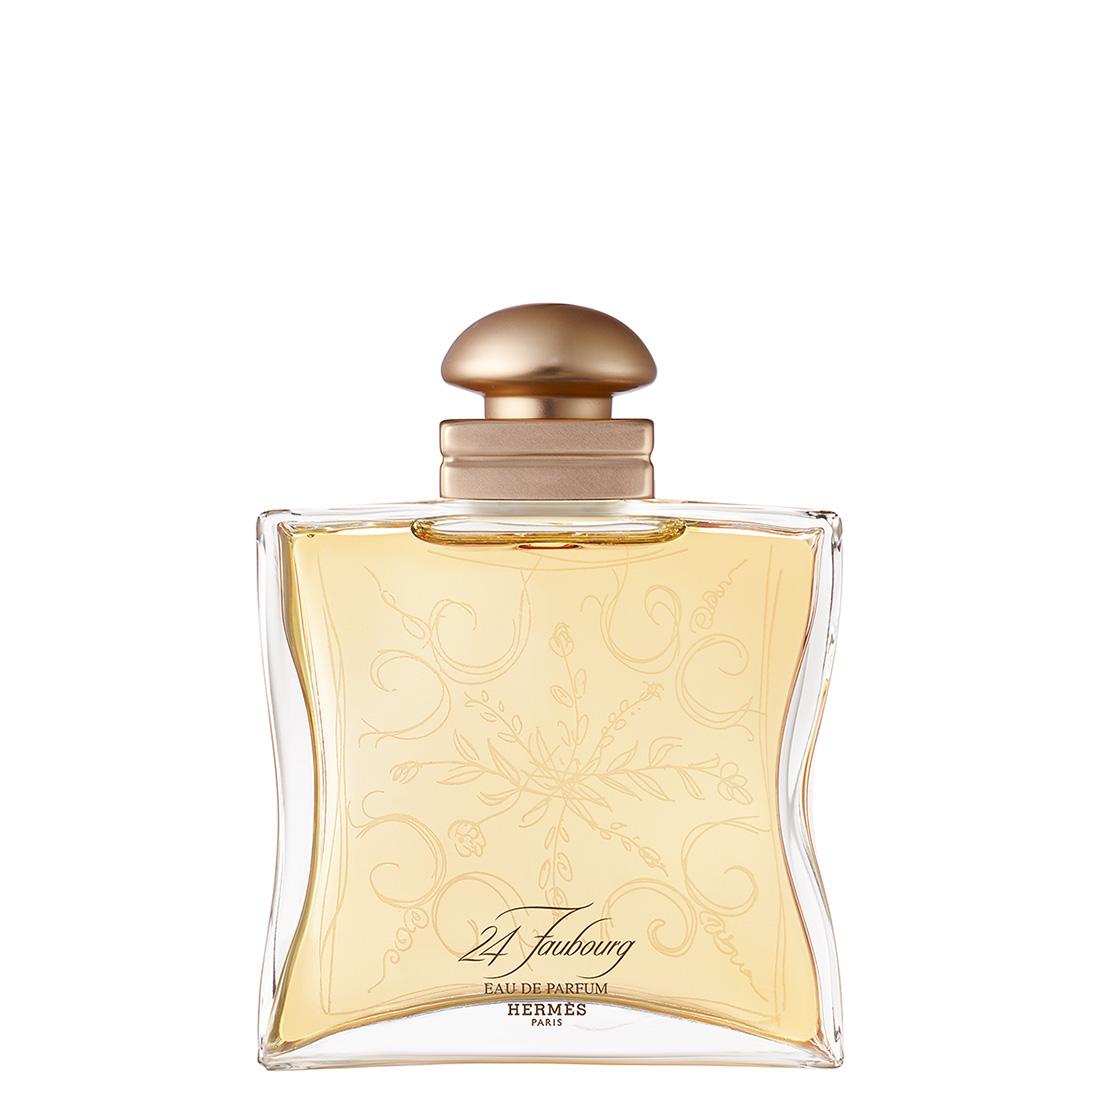 Eau de Parfum 24 Faubourg - Hermès